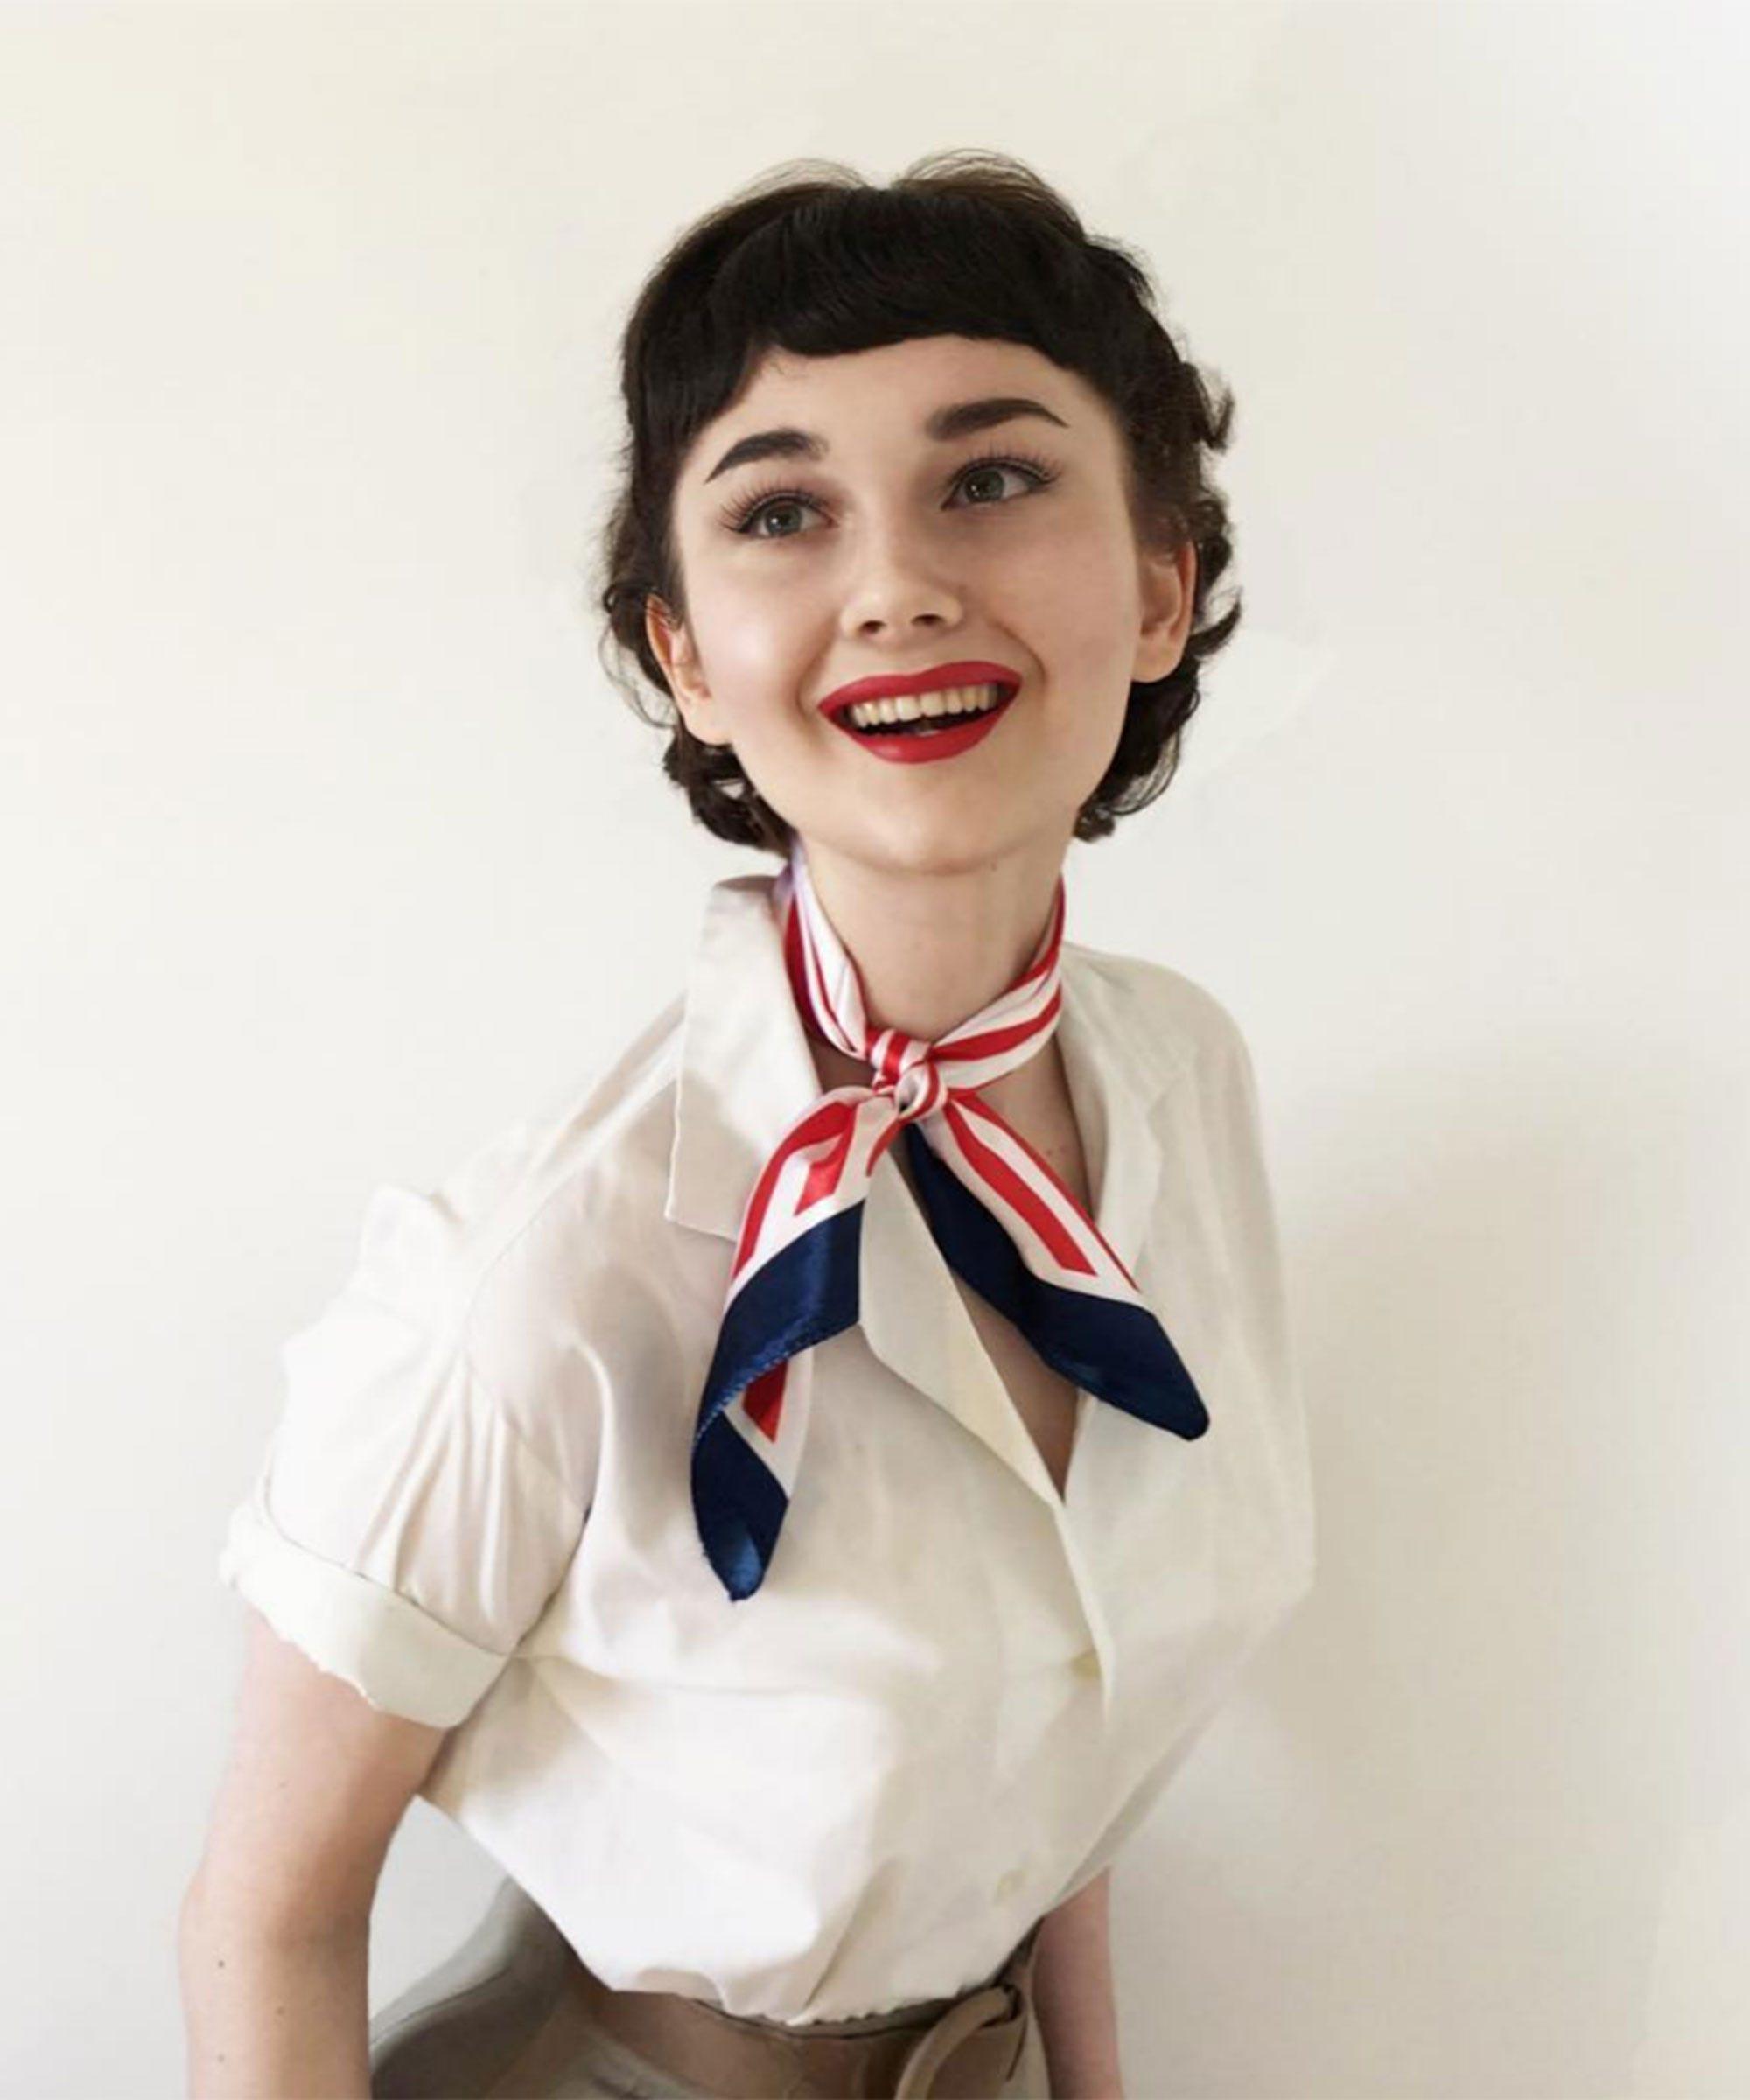 Annelies van overbeek instagram audrey hepburn star baditri Gallery